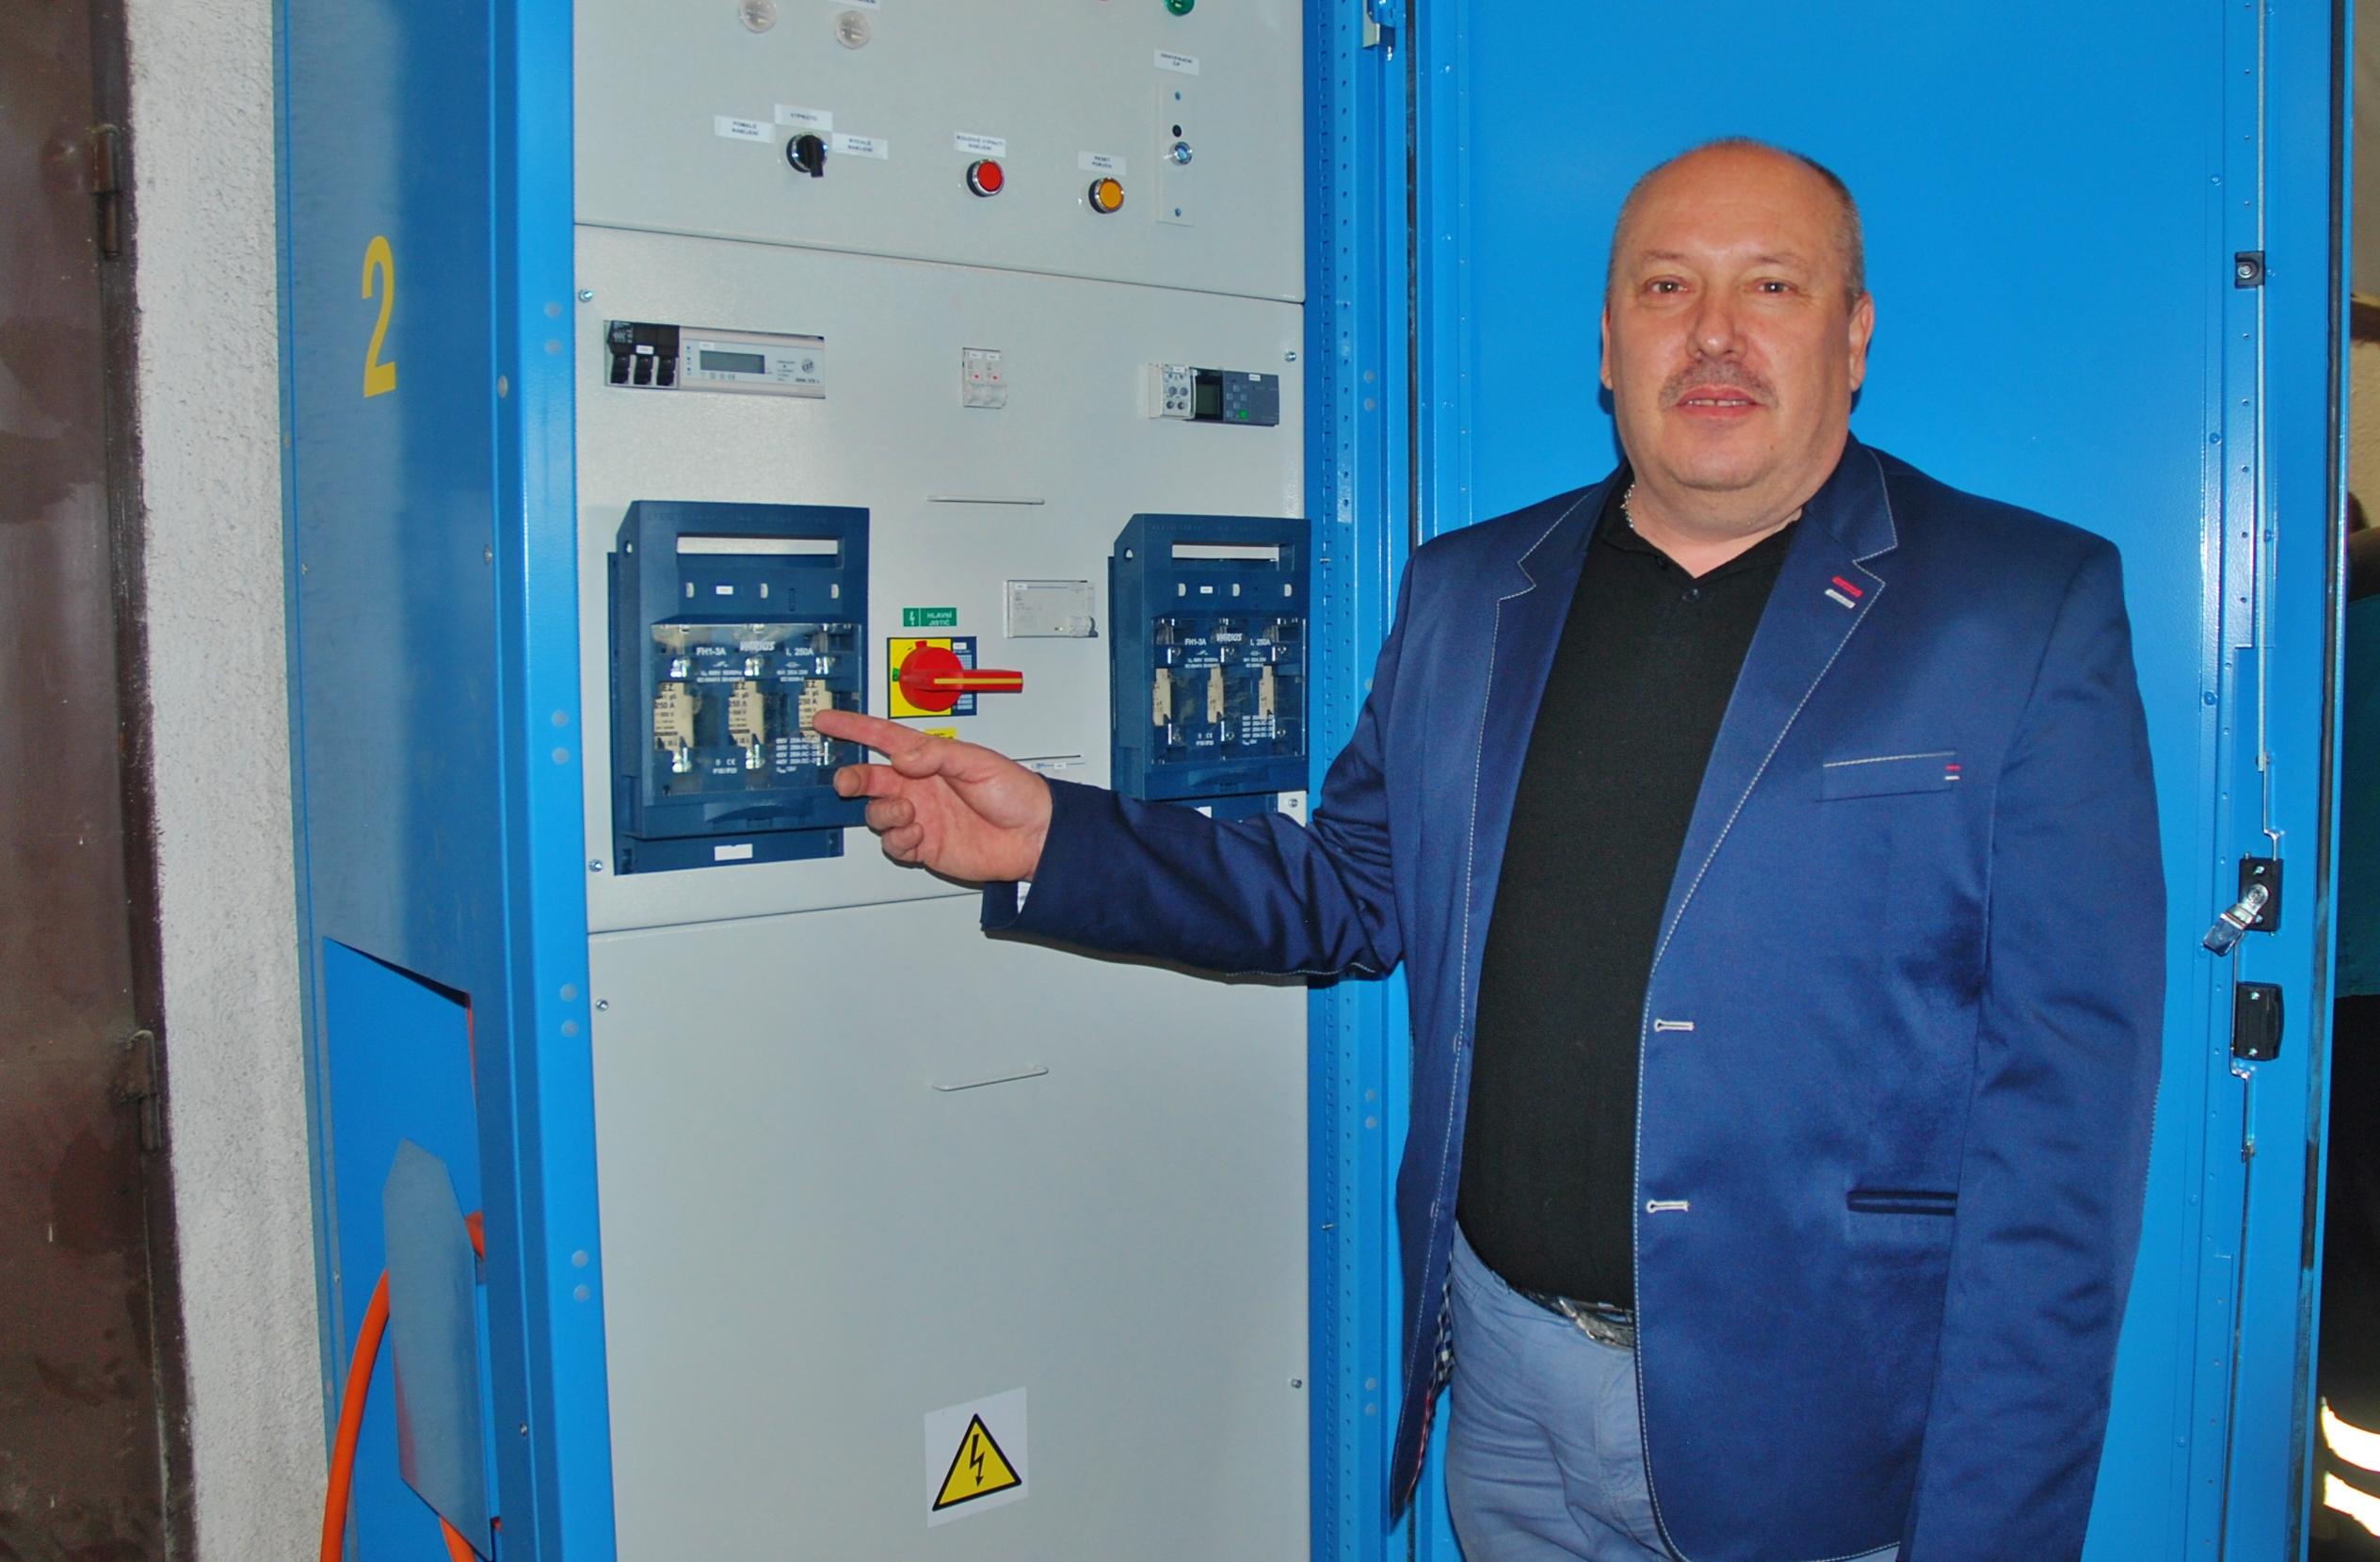 Lubomír Kulhavý ze společnosti SOR Libchavy, školí zaměstnance DPMK jak správně nabíjet baterie v elektrobusech (foto: Zdeněk Nesveda)